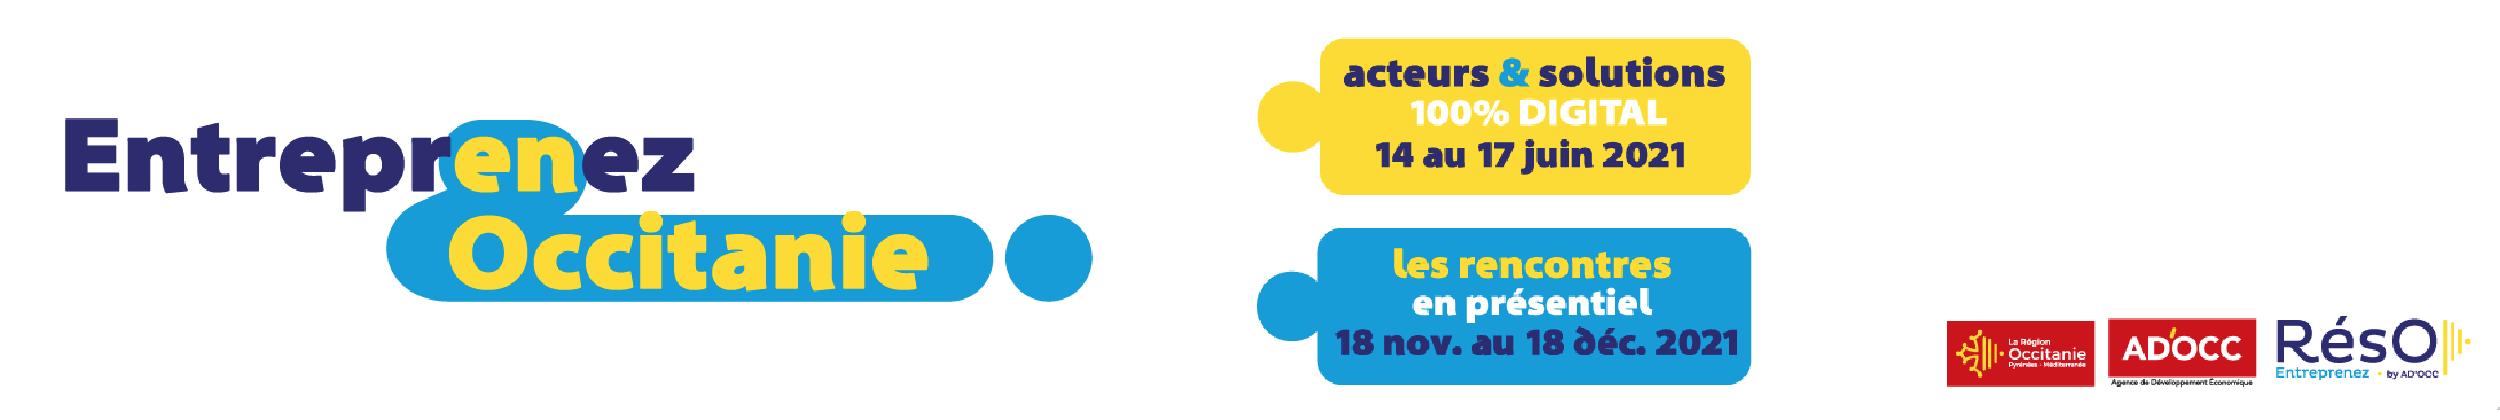 Bannière accueil sites web - entreprenez en occitanie - CB- 070621_Plan de travail 1